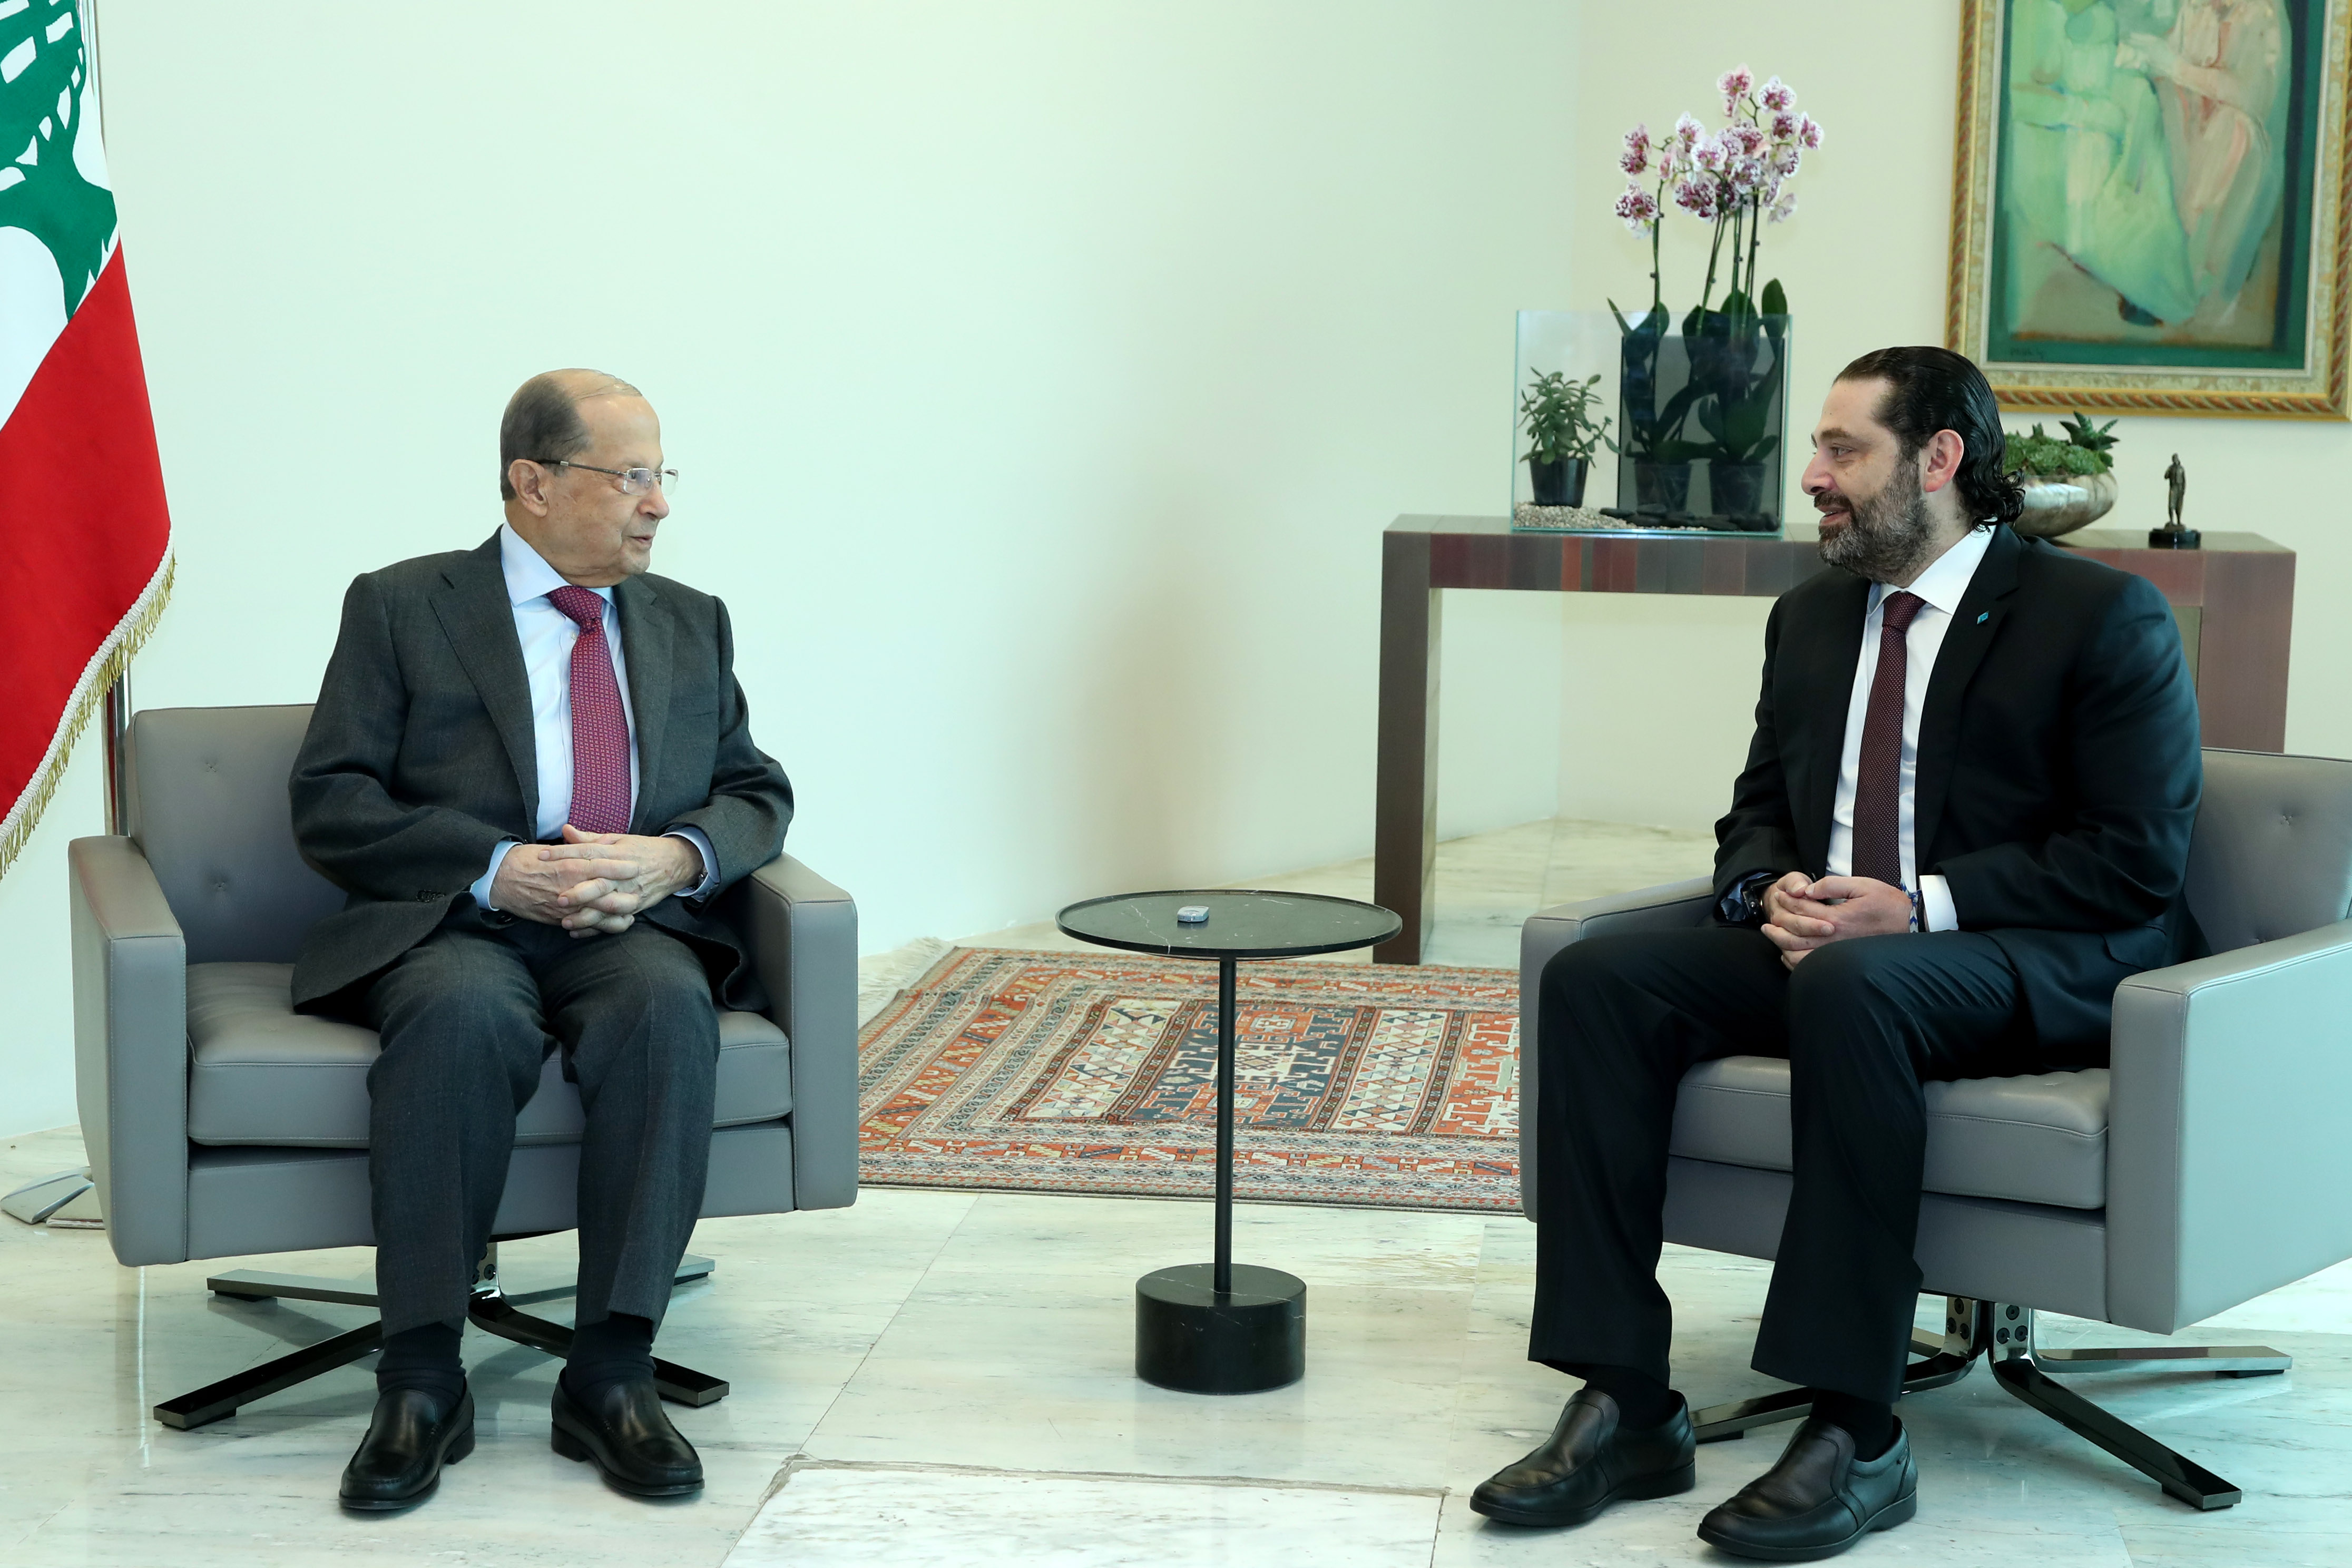 2 - Pr Minister Saad Hariri